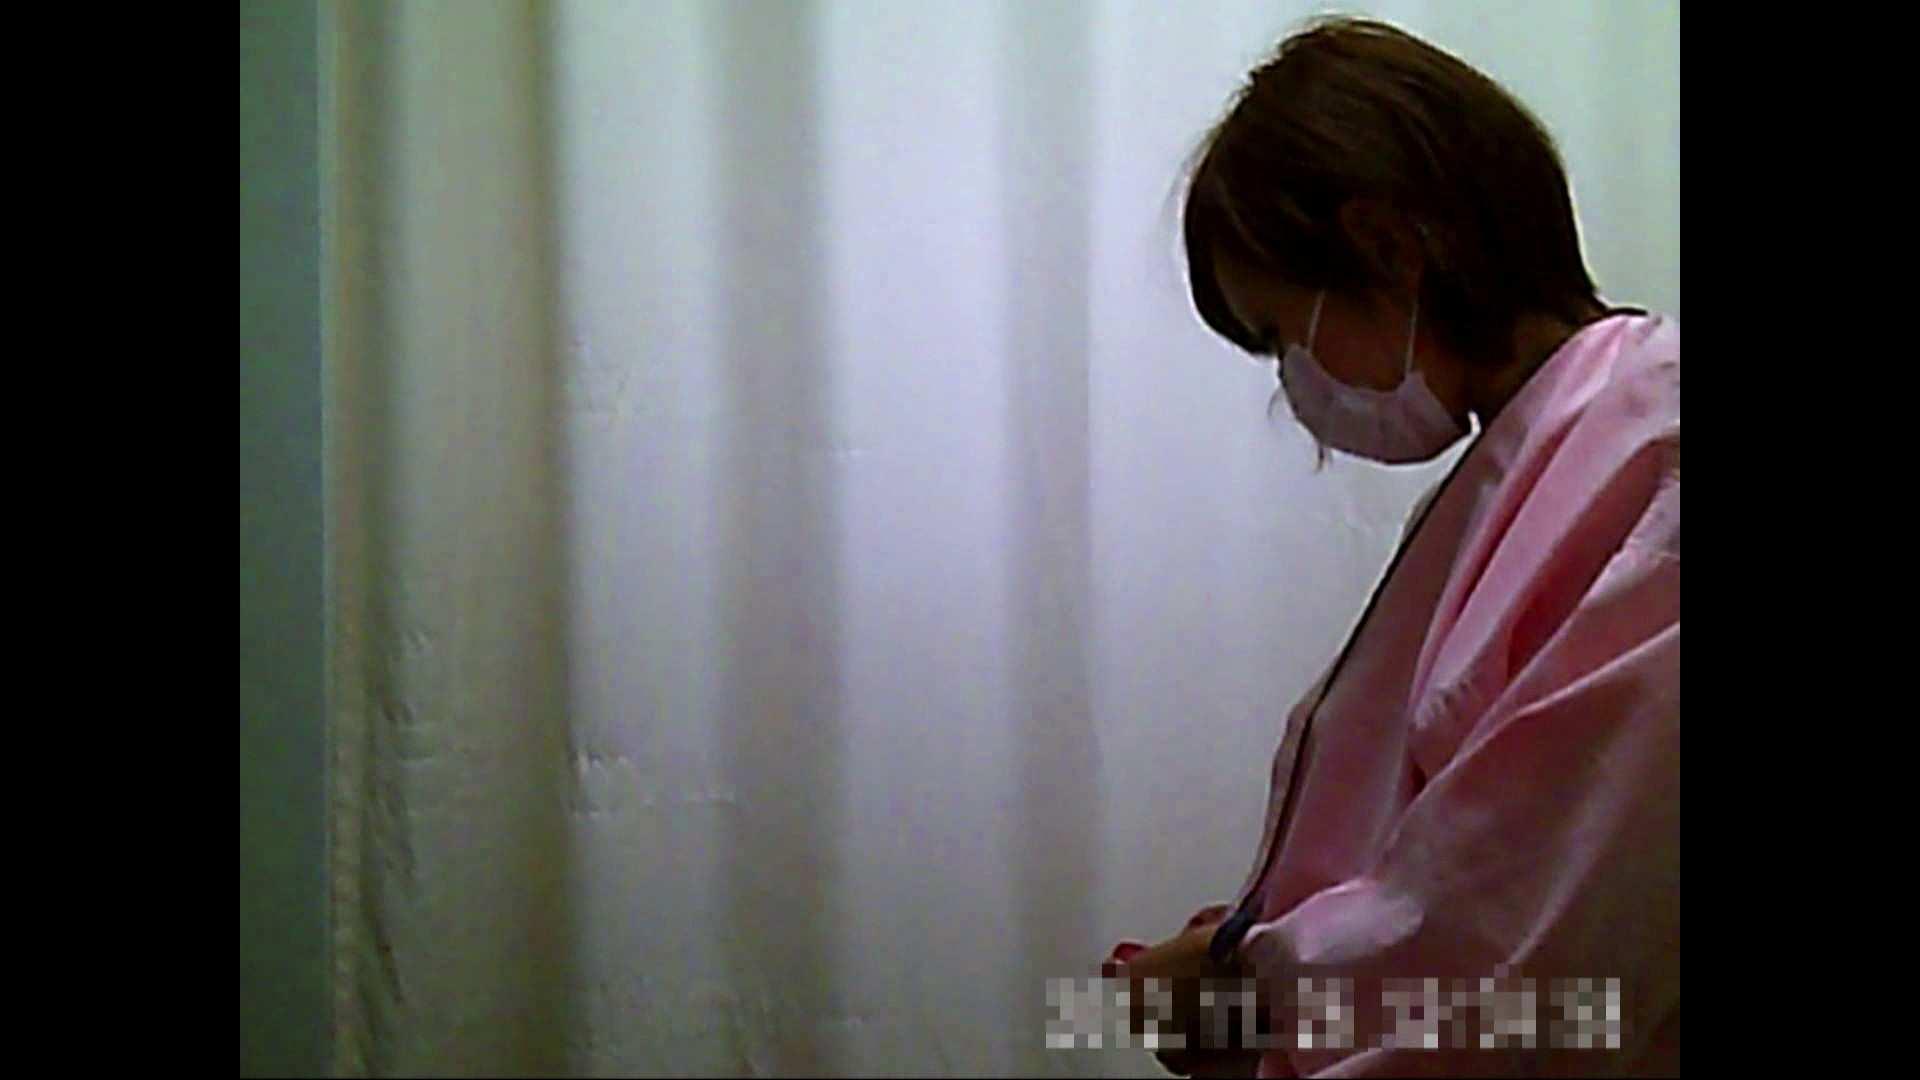 病院おもいっきり着替え! vol.159 OLエロ画像 隠し撮りおまんこ動画流出 49PICs 30